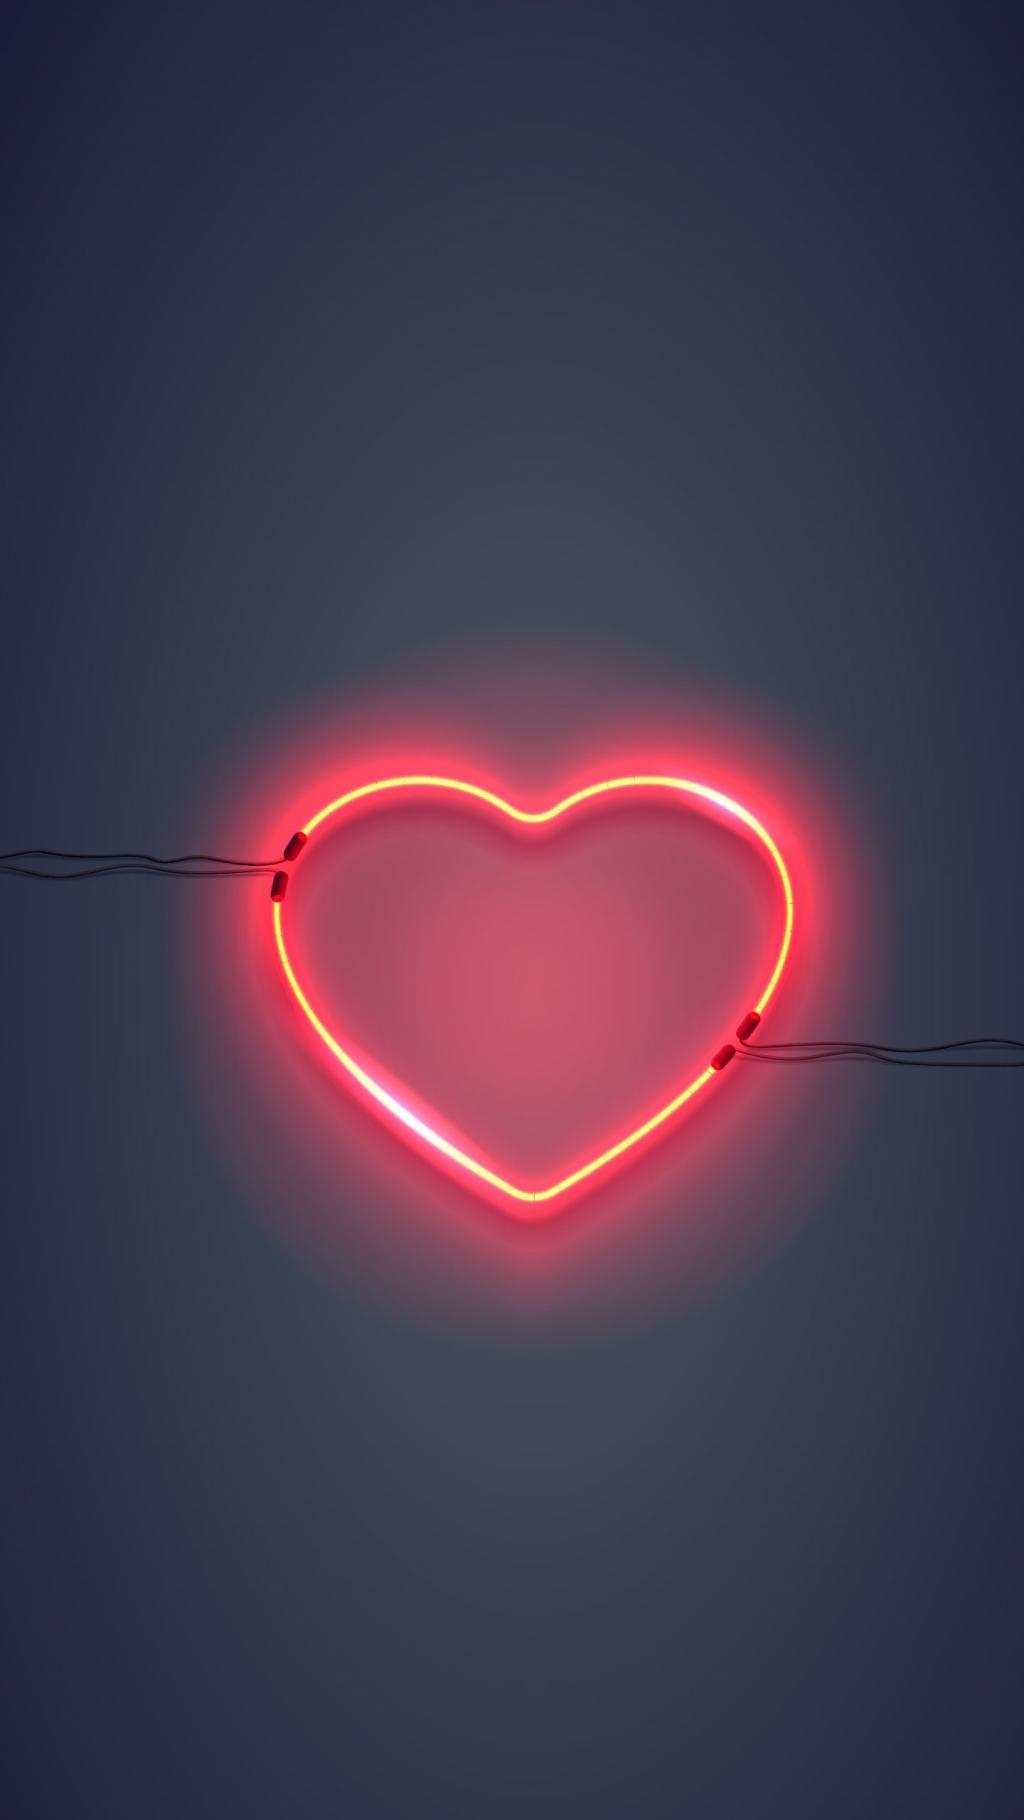 情人节 爱心 心形艺术设计 艺术